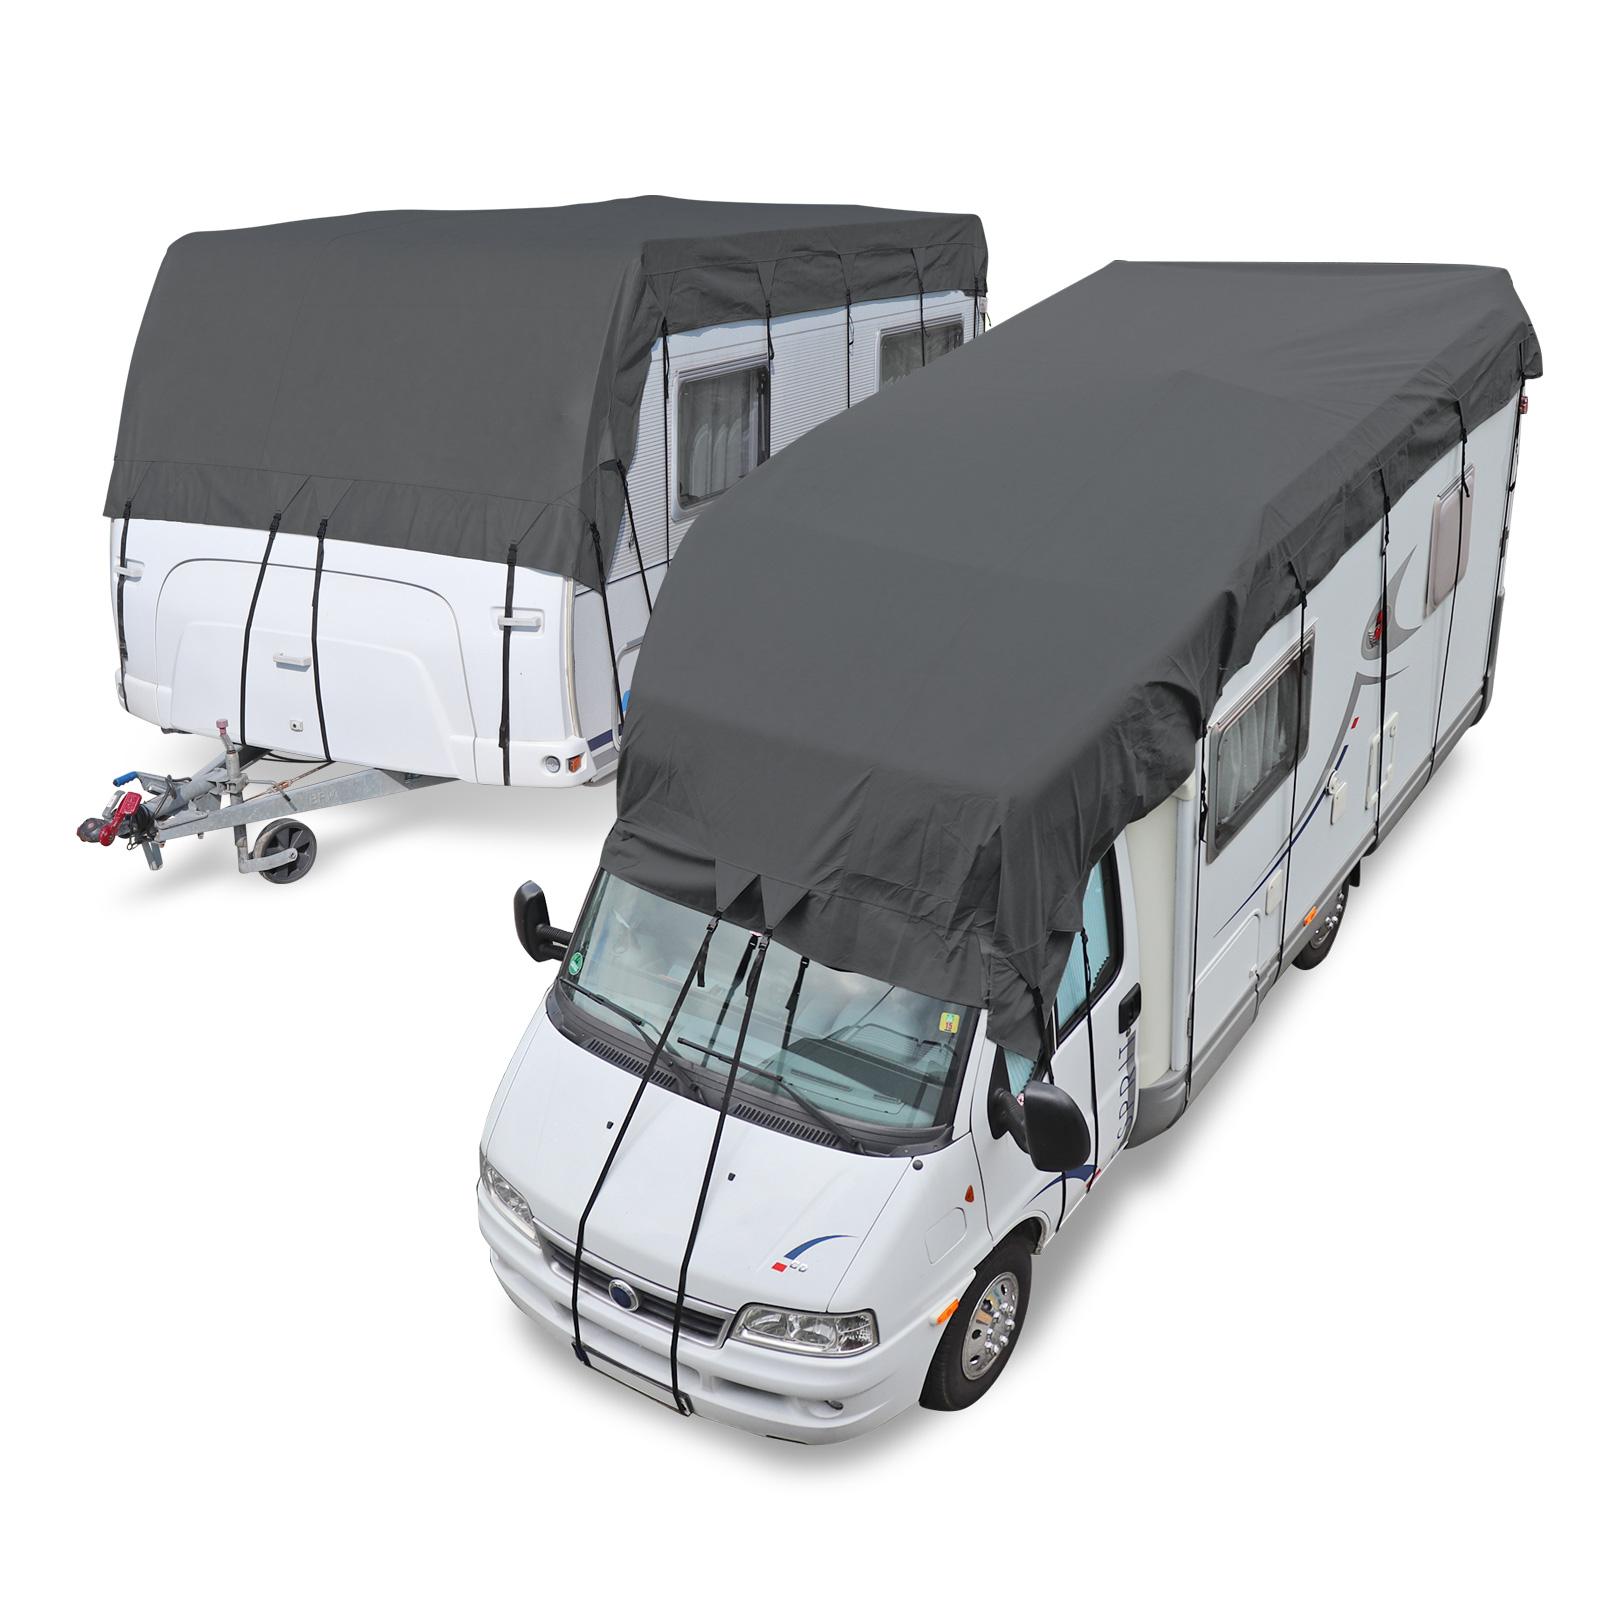 Wohnwagen & Wohnmobil Schutzdach 8x8 Meter Winter geeignet + 8er